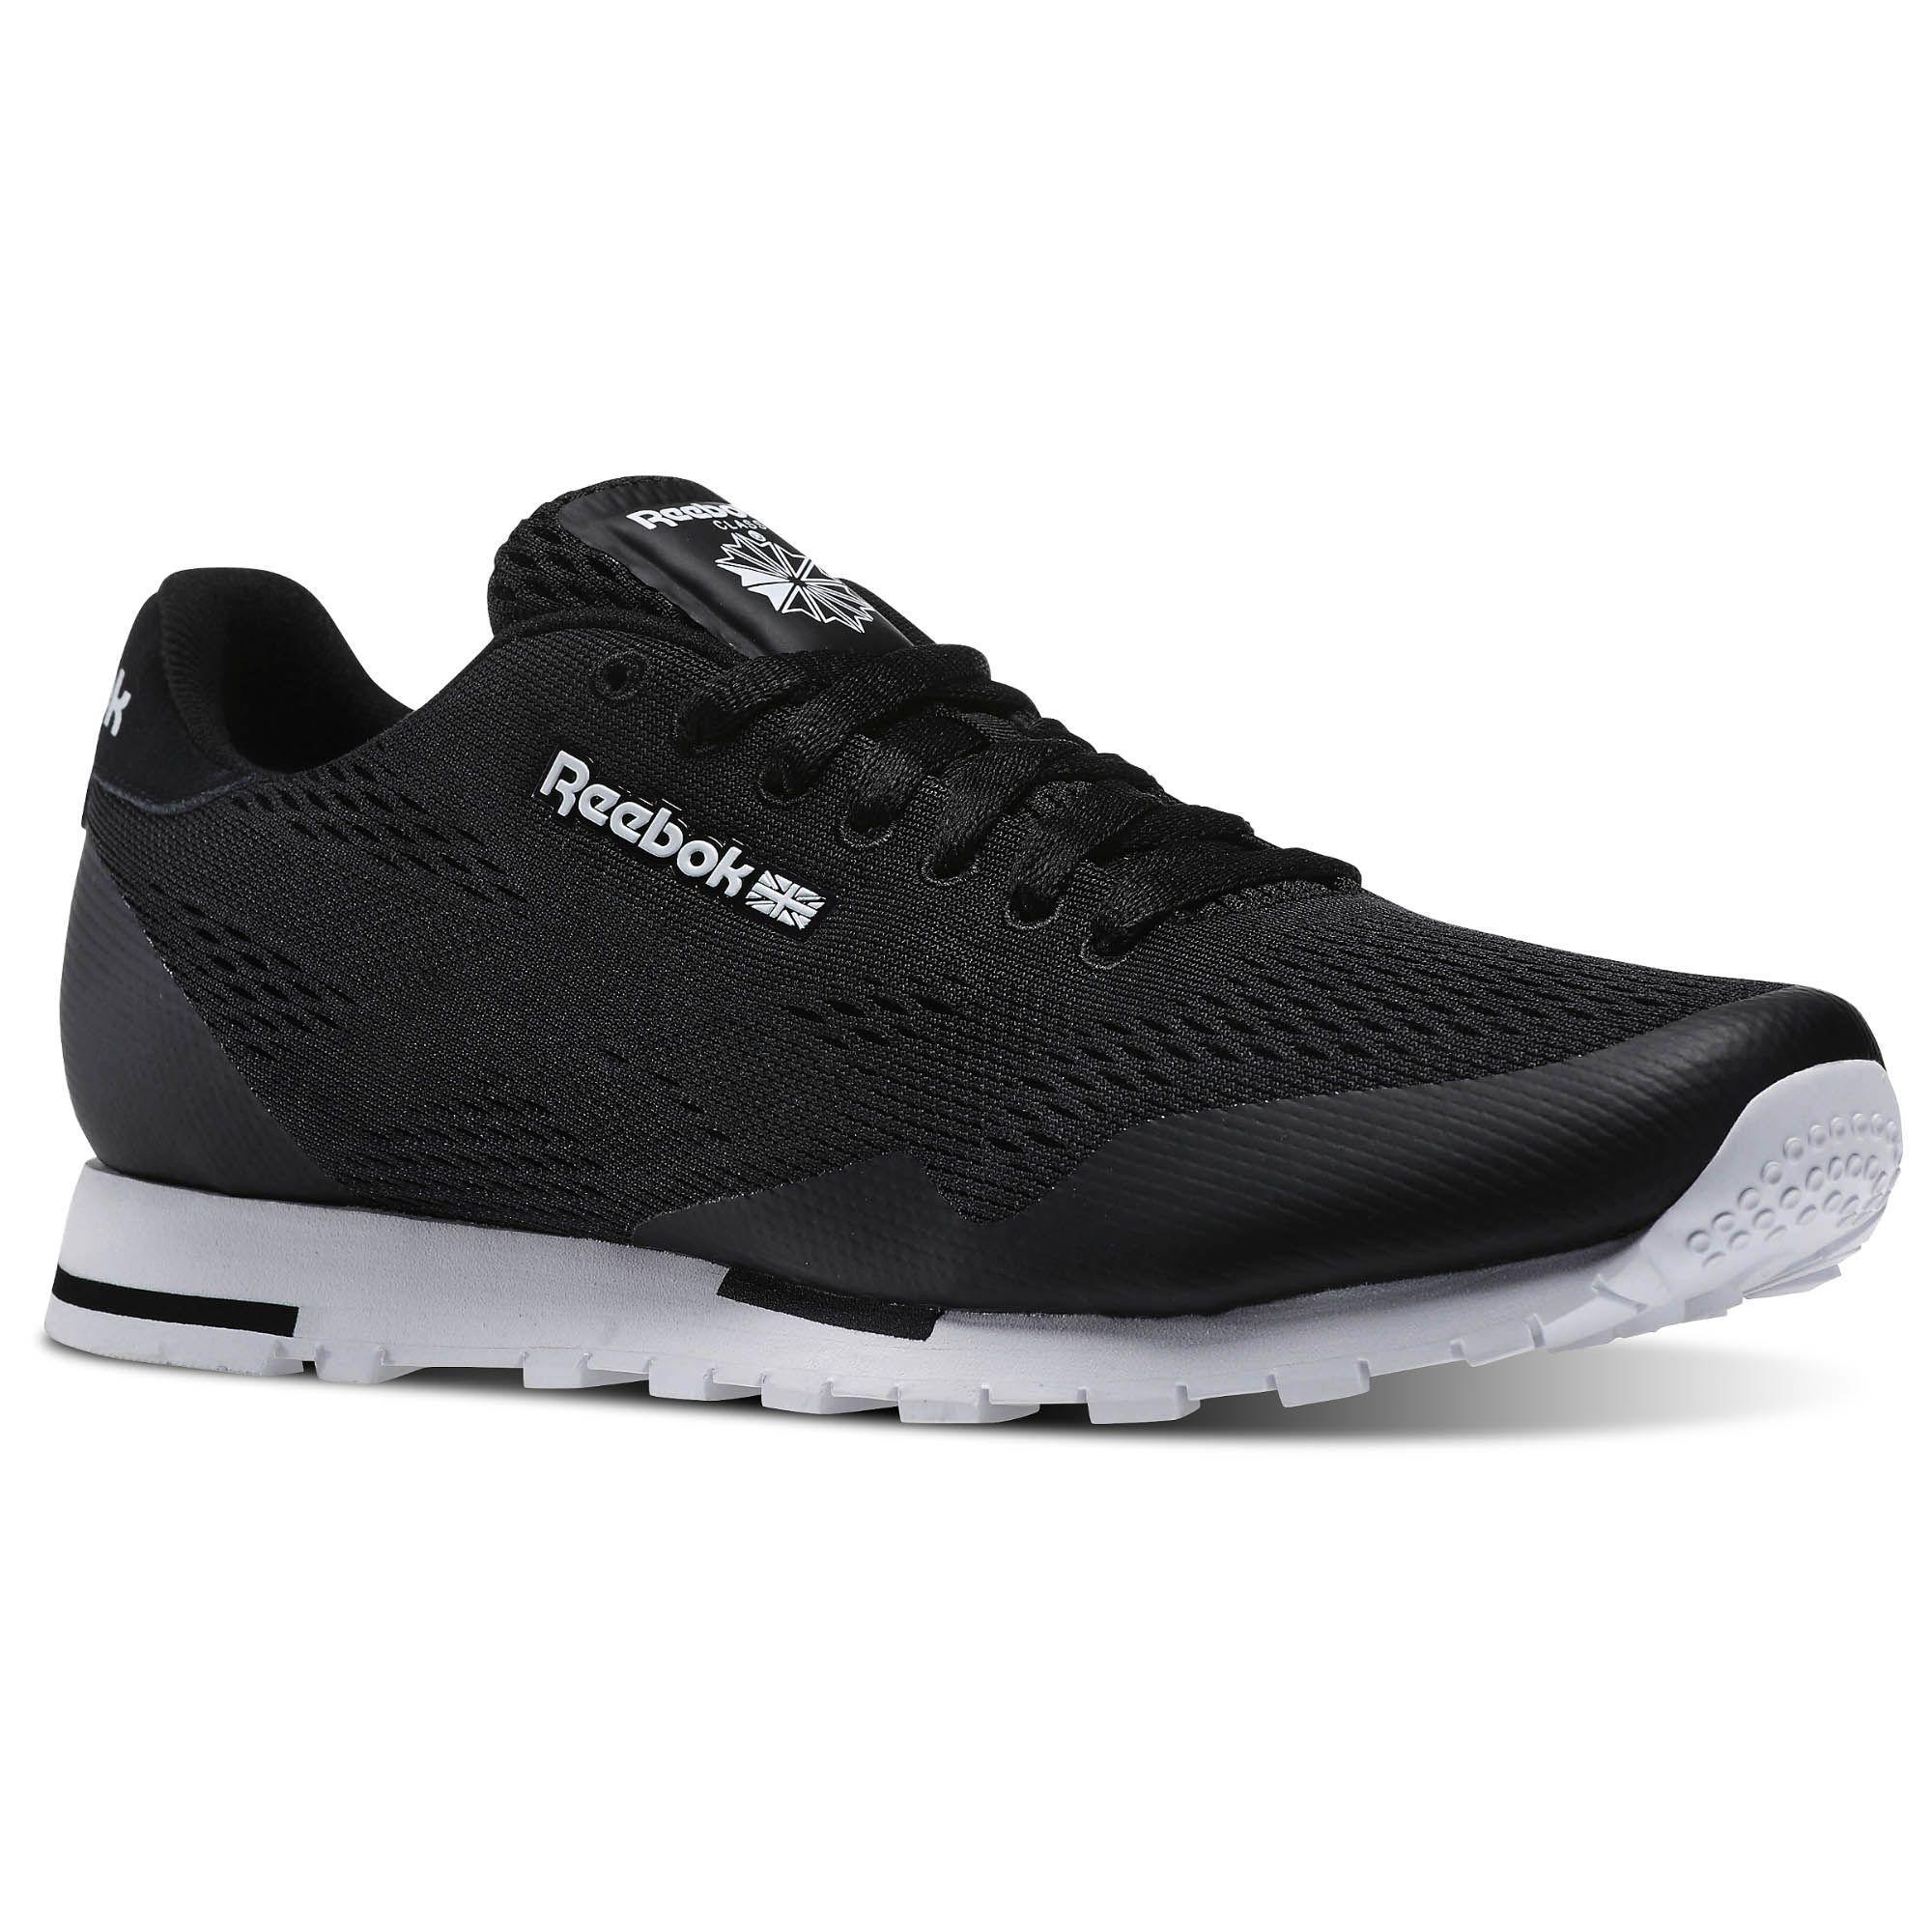 Chaussures Reebok Classics Runner Jaquard ou HMT